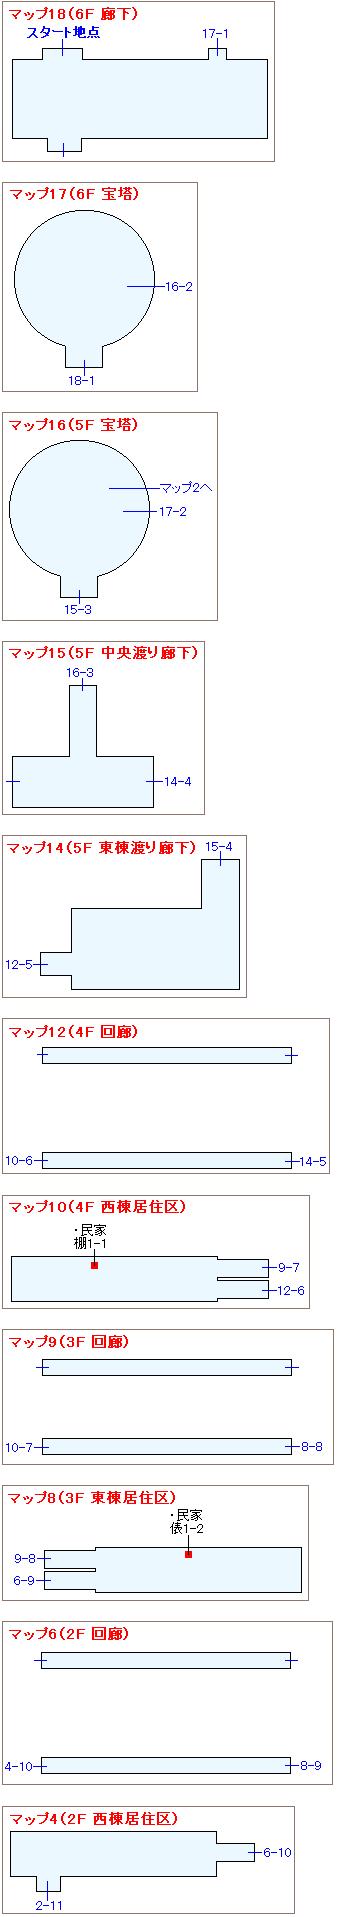 ストーリー攻略マップ・白嶺城(2)